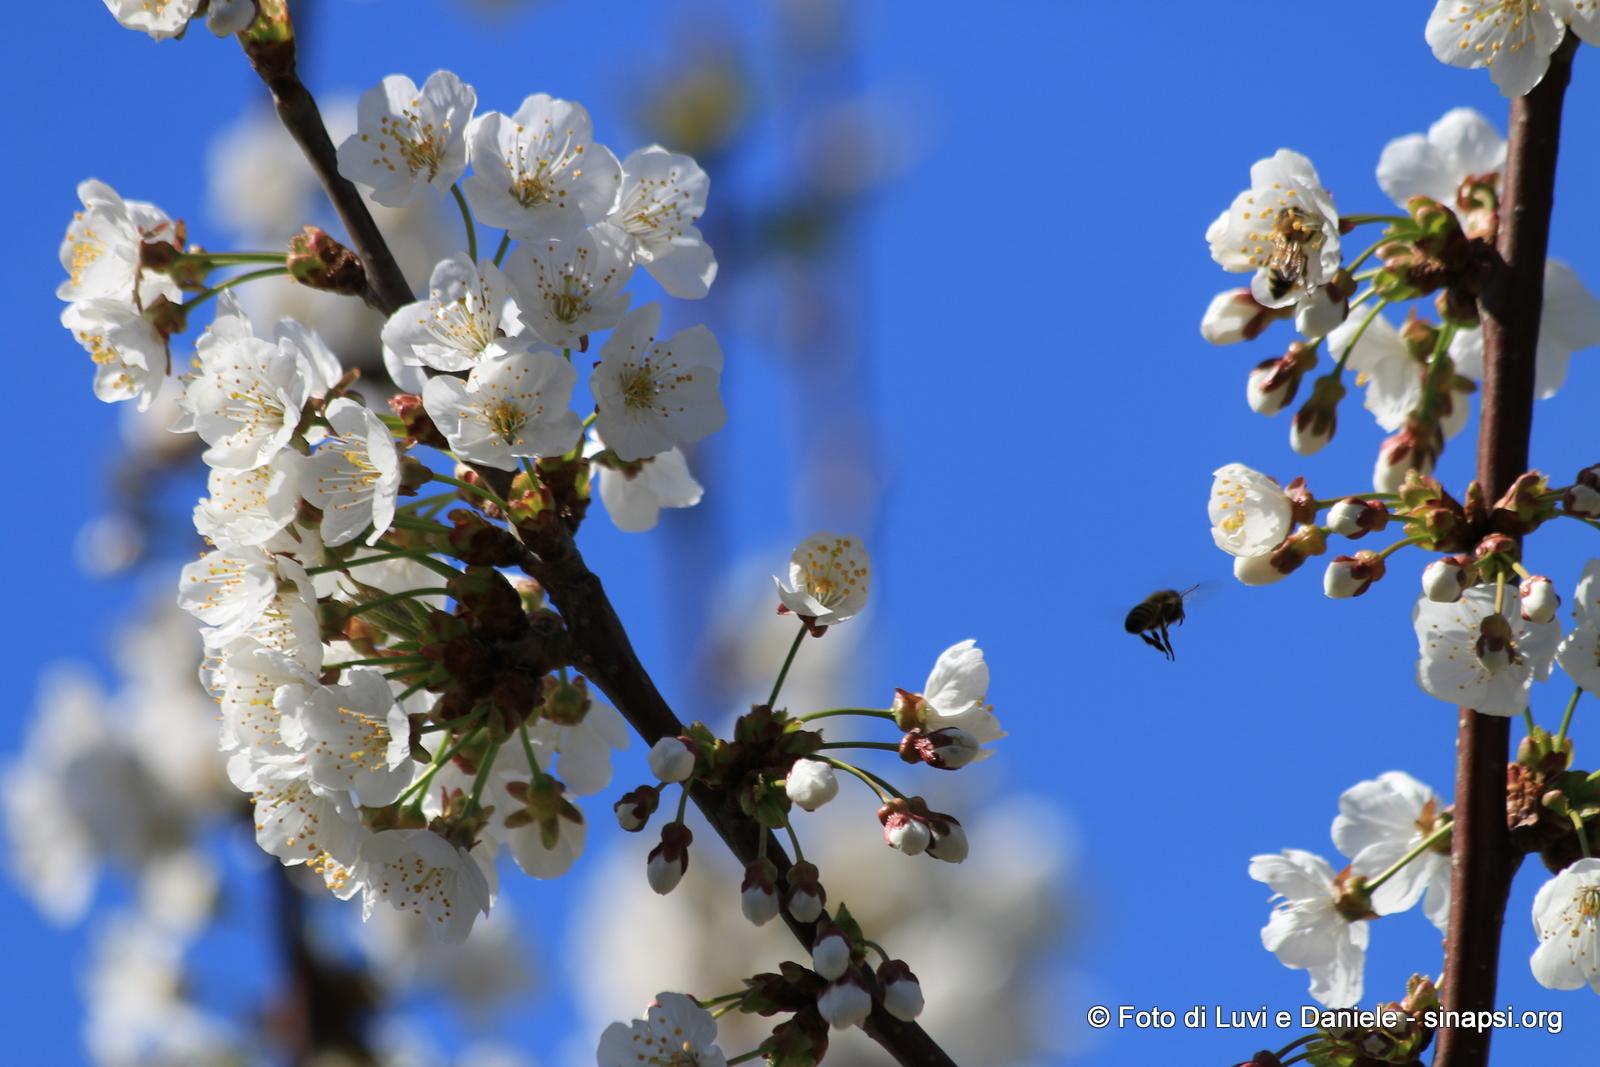 fiori di ciliegio con ape in volo